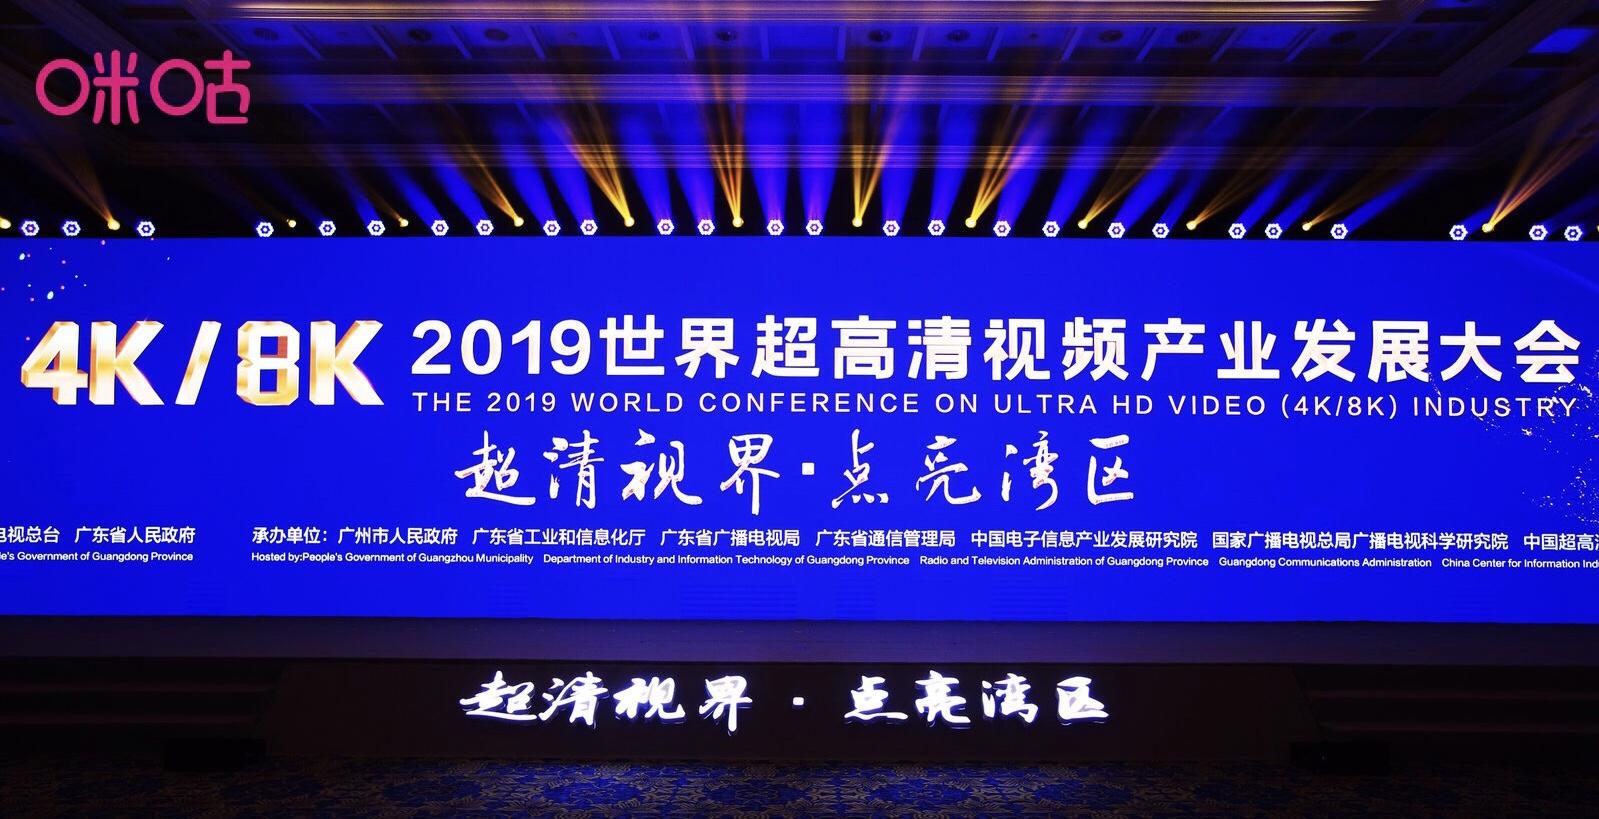 中国移动咪咕亮相2019世界超高清视频产业发展大会